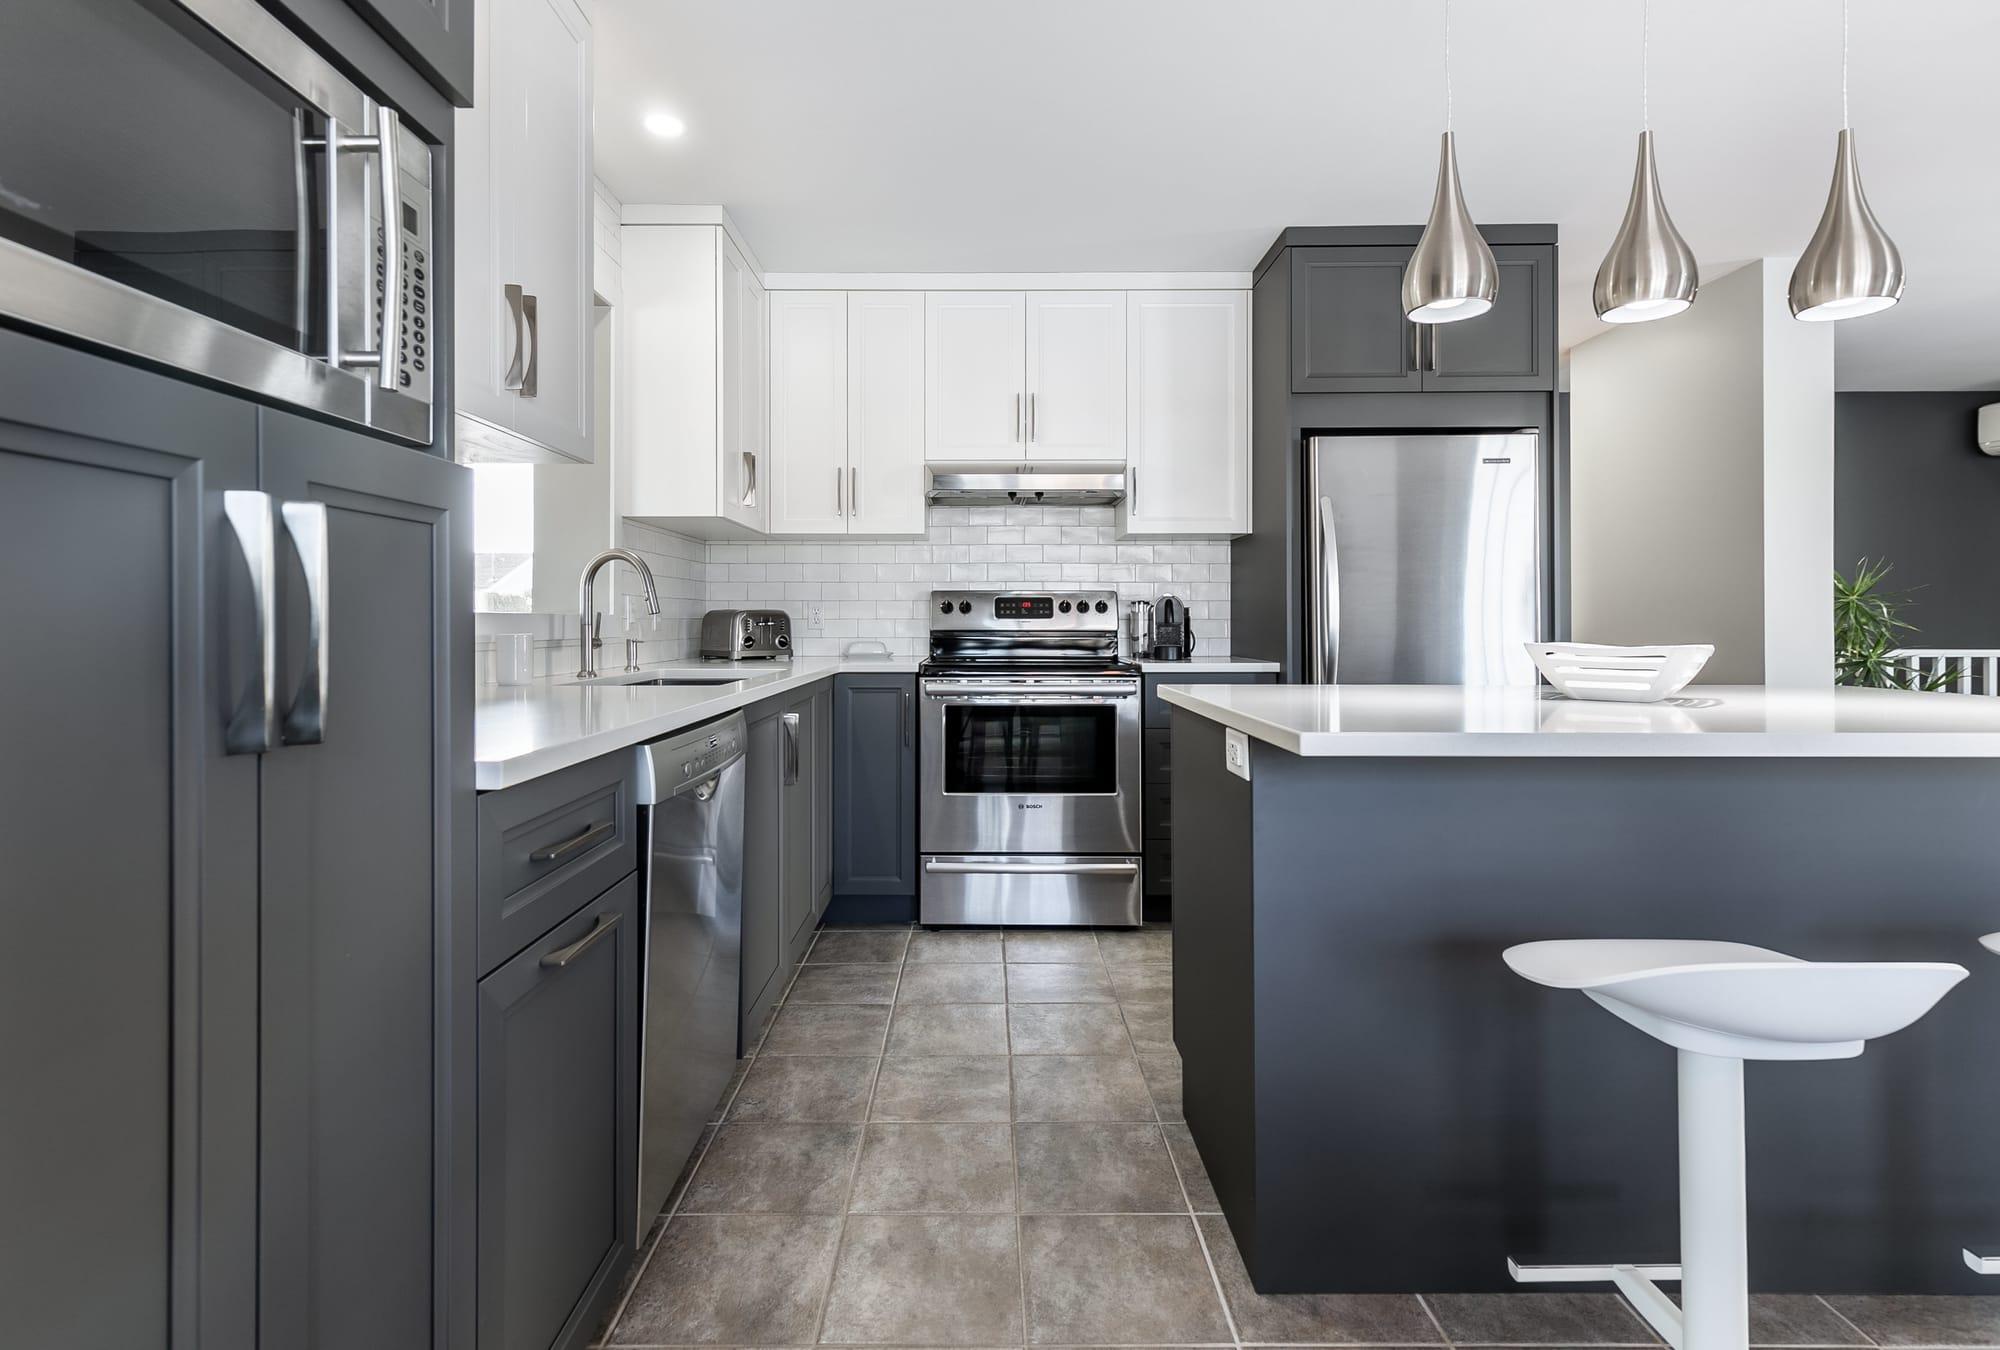 cuisine moderne design grise et blanche avec îlot